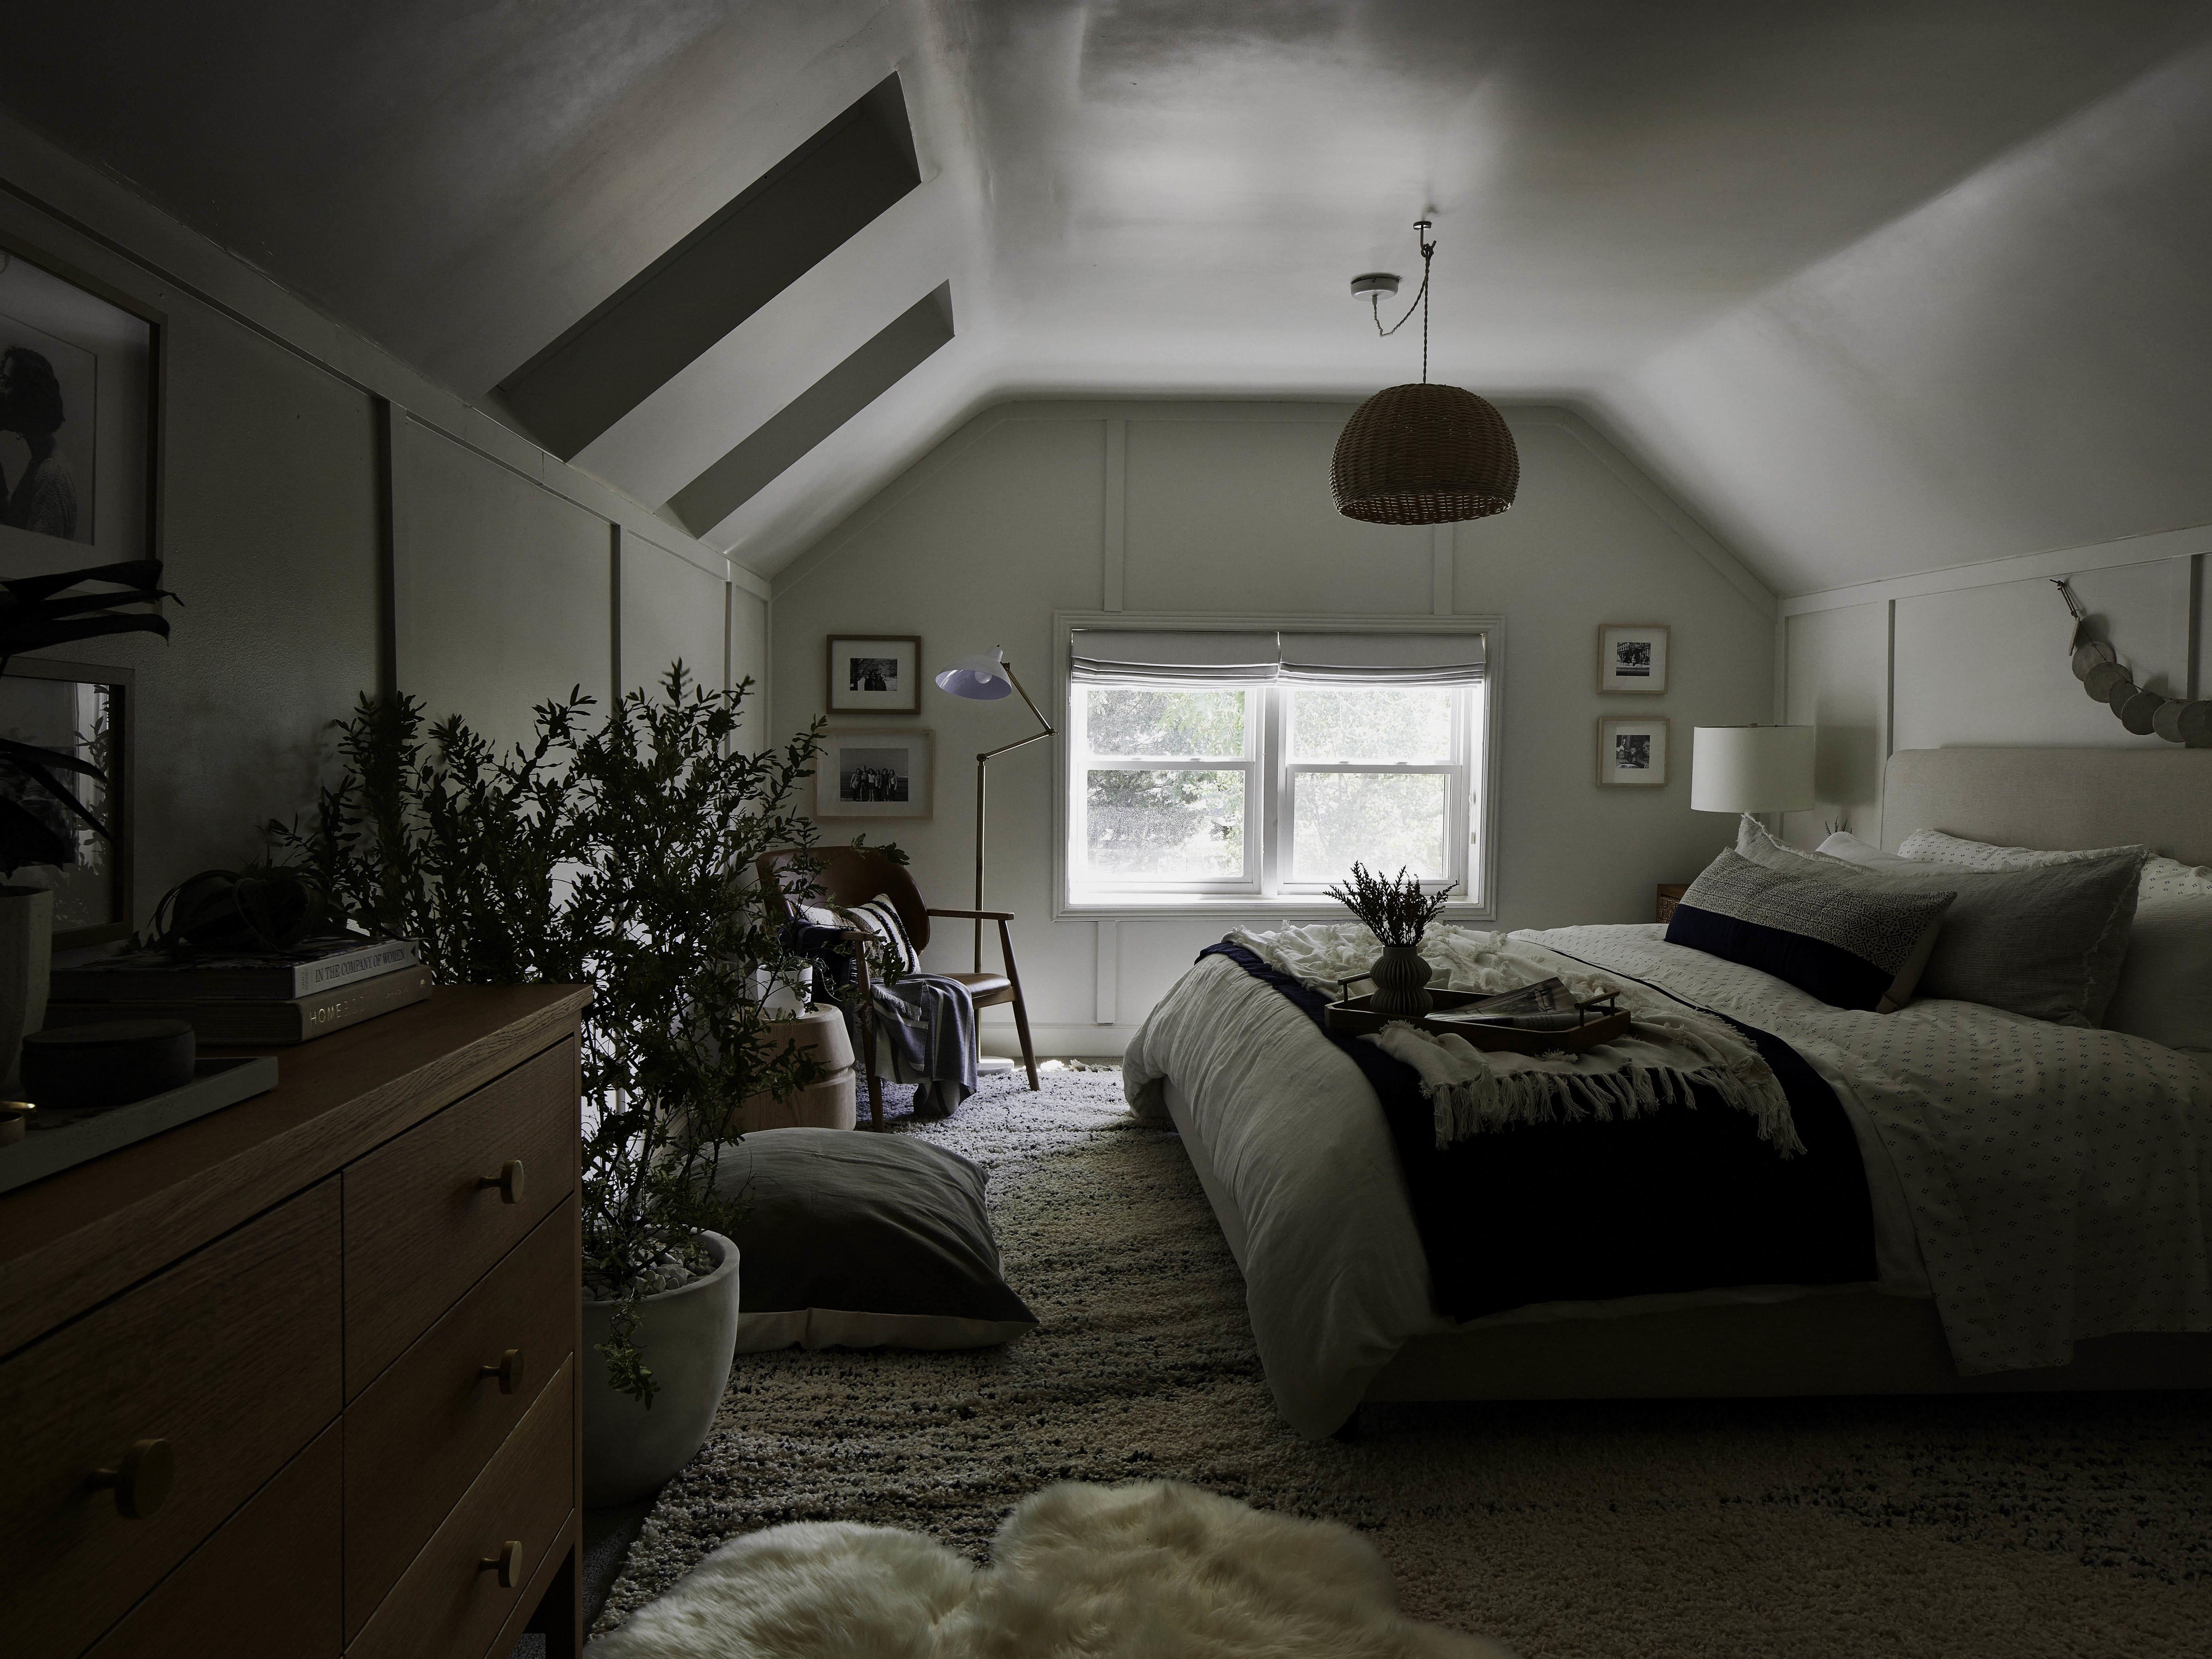 Darkened-bedroom.jpg#asset:6021